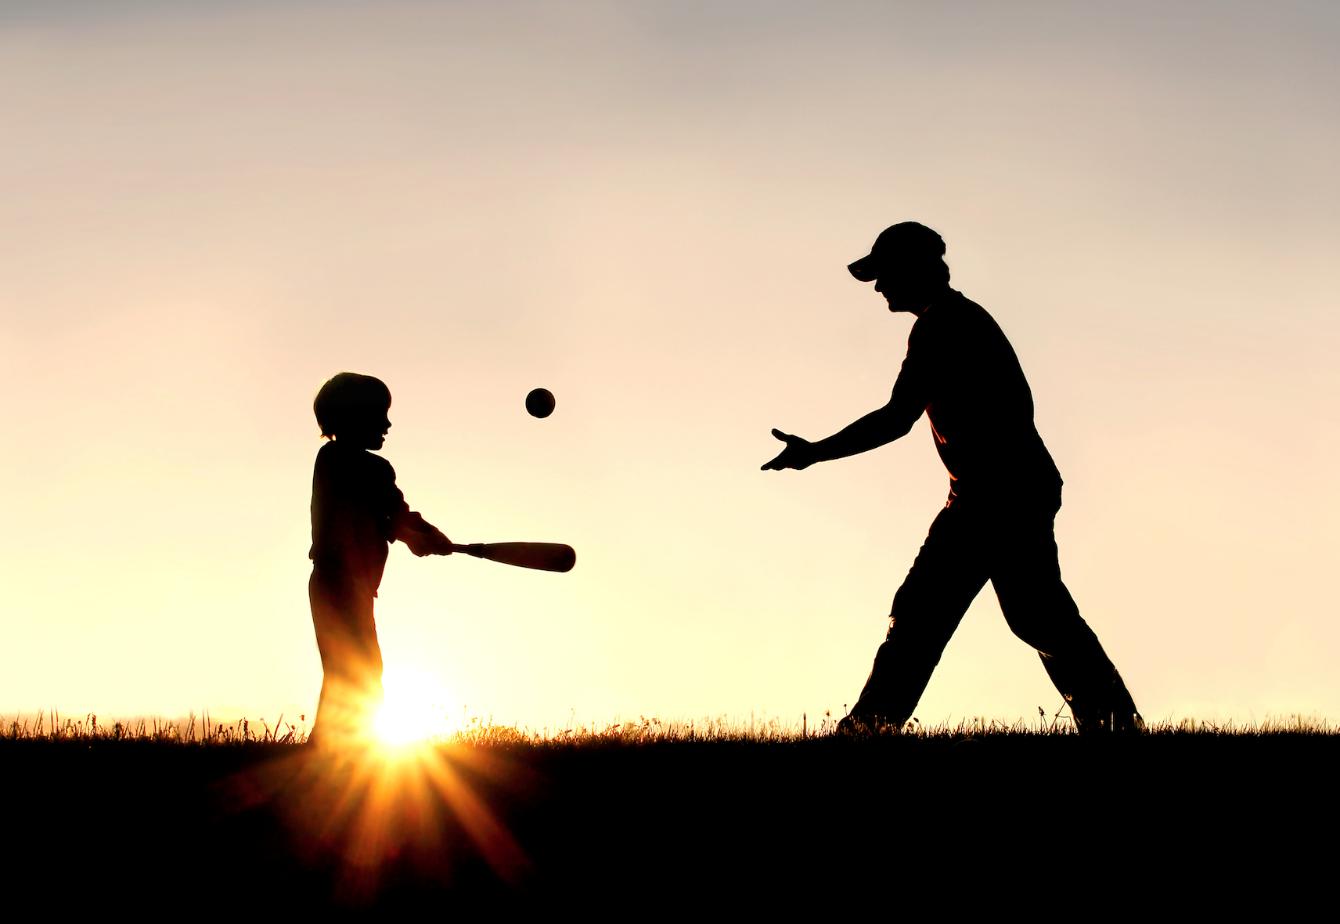 بررسی تاثیر مسئولیت پذیری پدر بر الگوهای رفتاری فرزندان